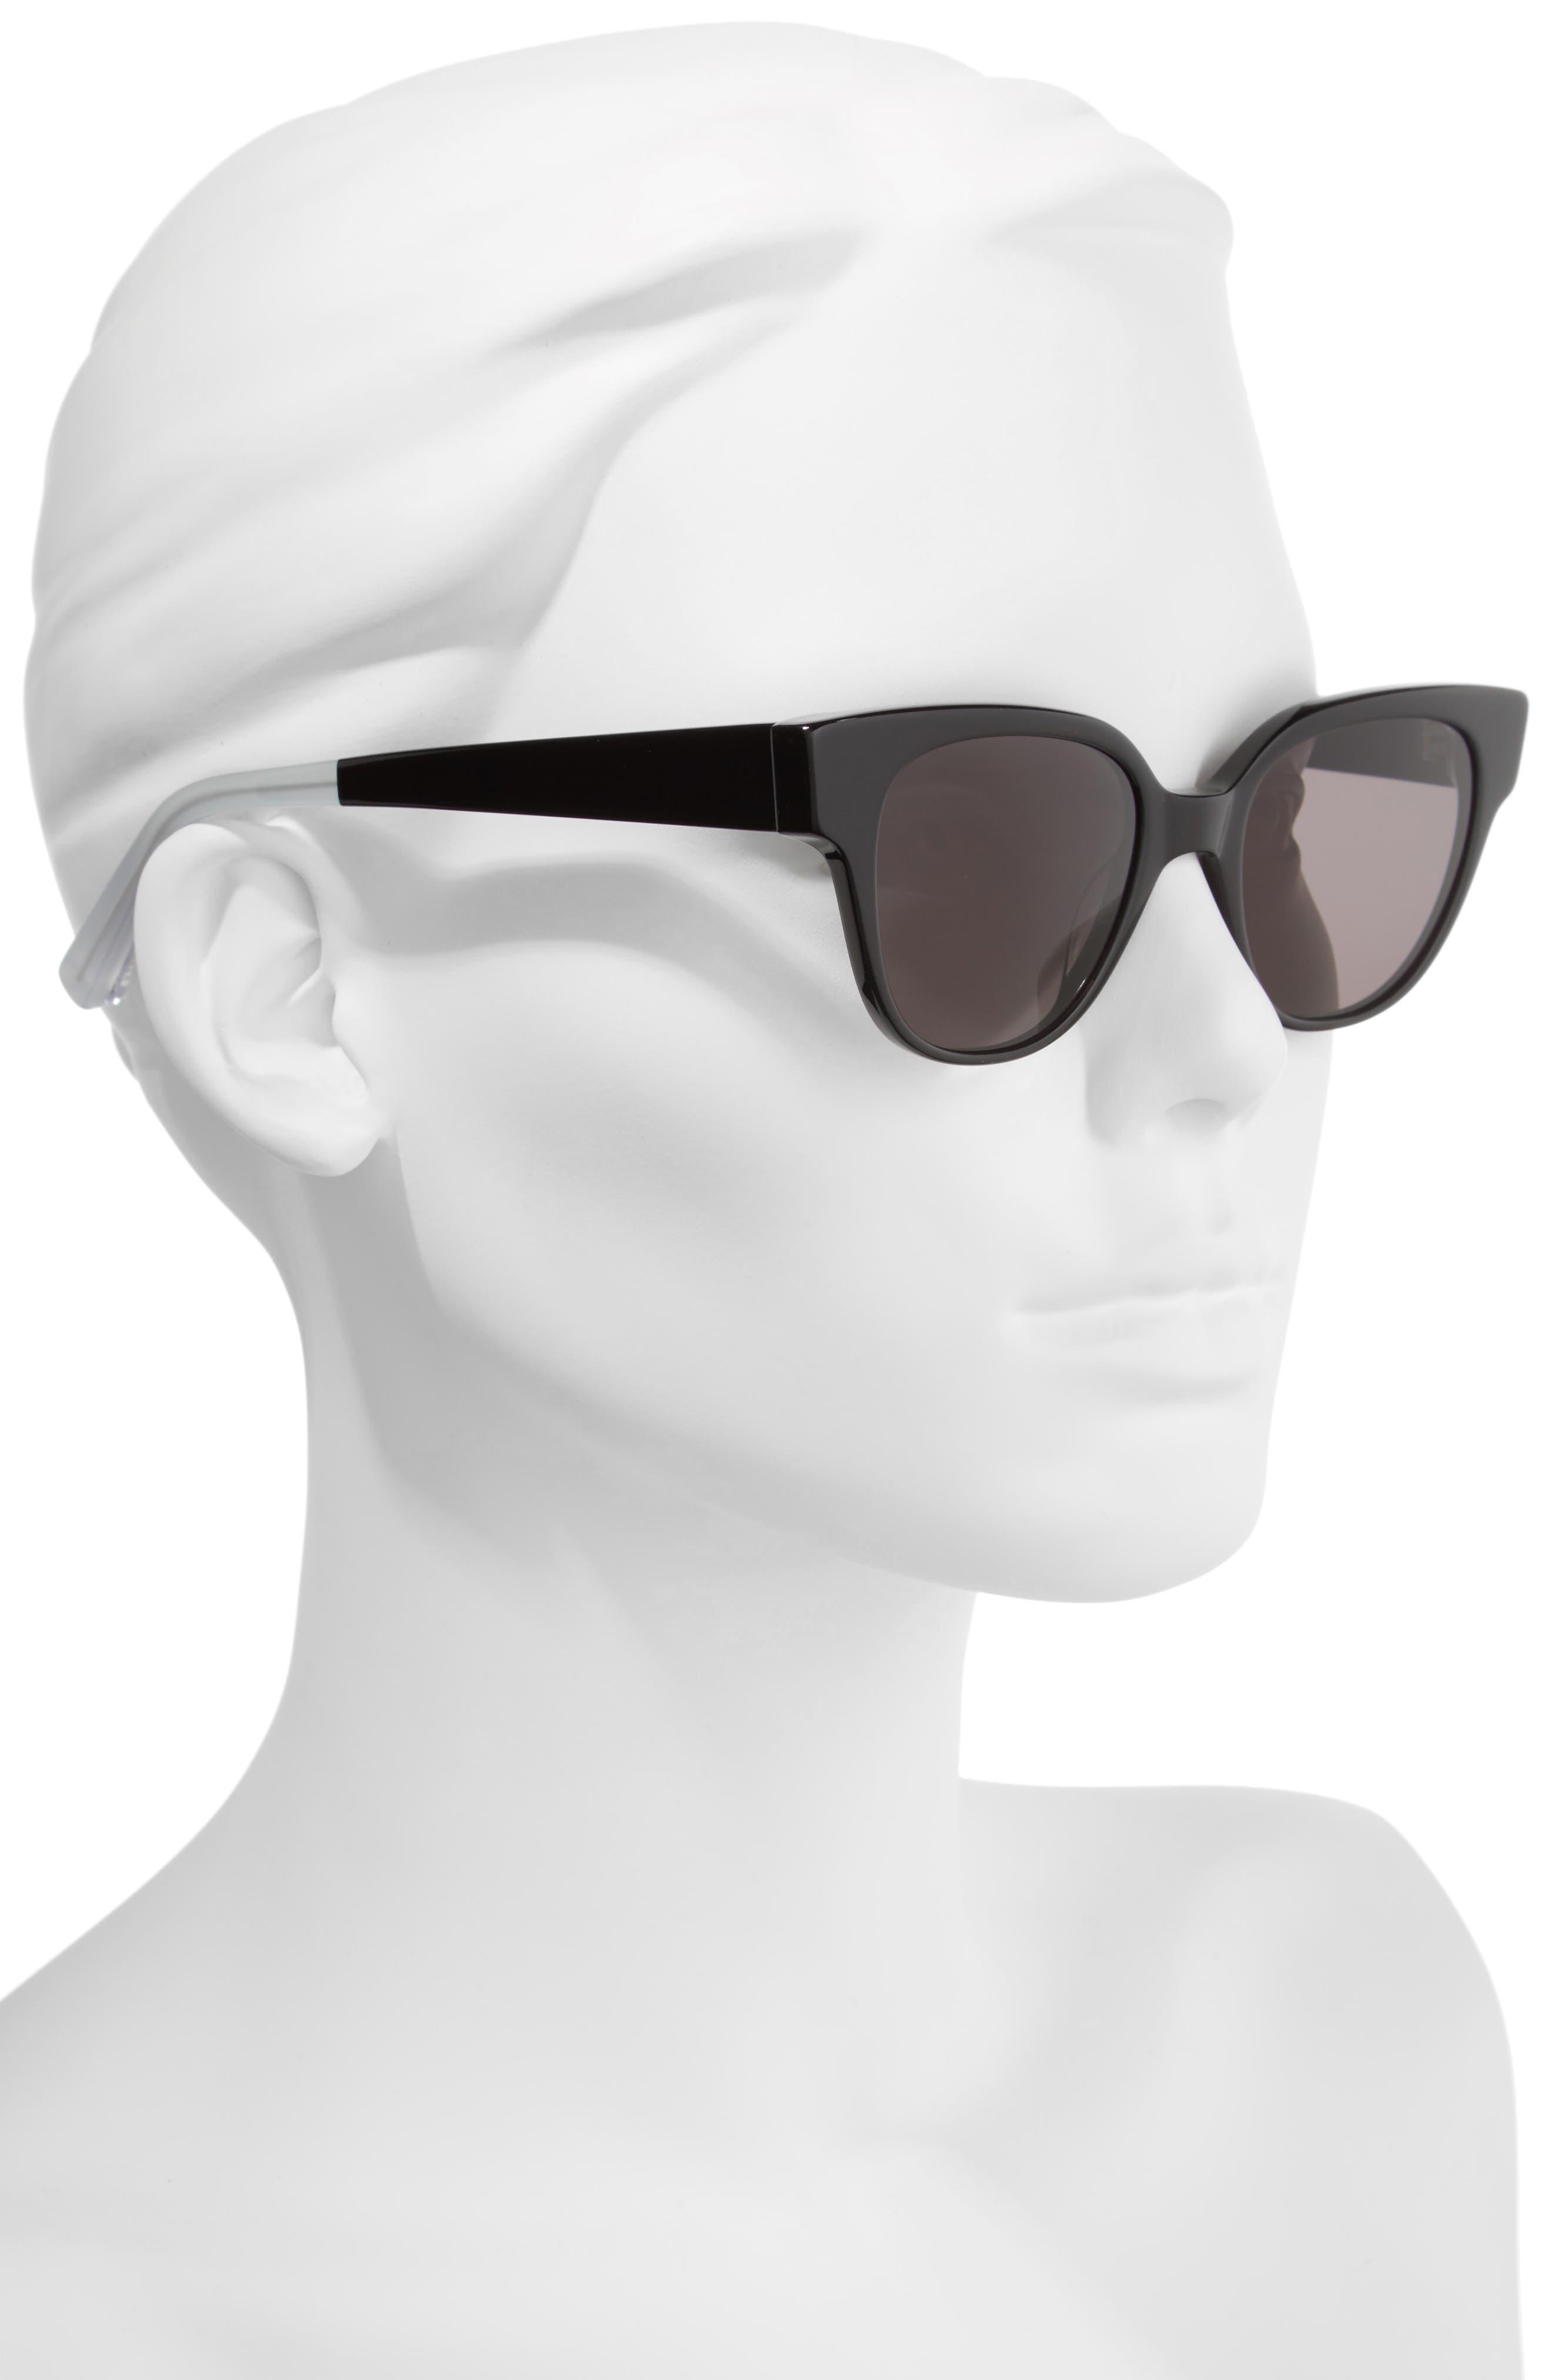 Avory 49mm Cat Eye Sunglasses,                             Alternate thumbnail 2, color,                             001